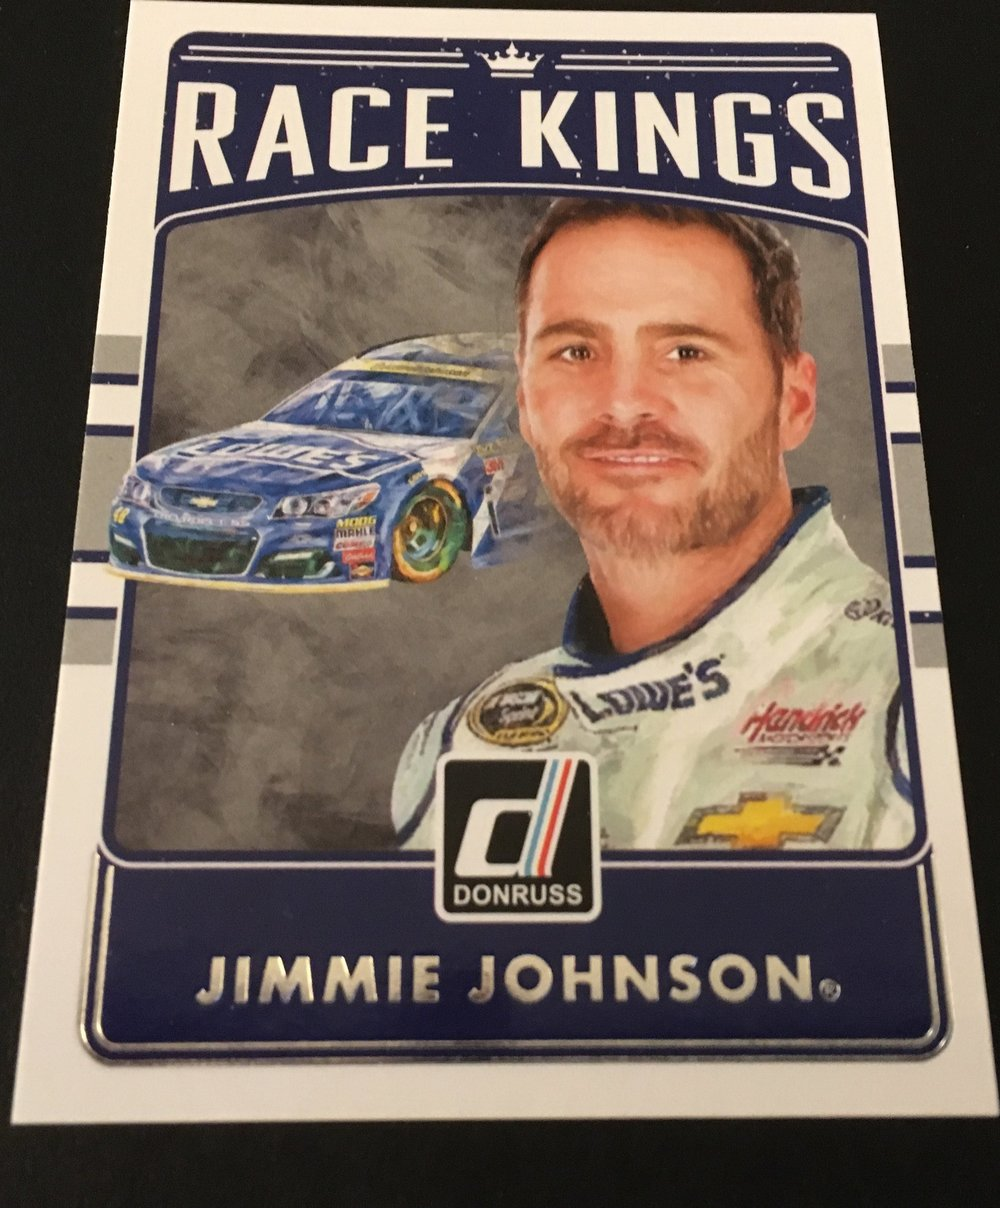 Jimmy-Johnson-Race-Kings.JPG